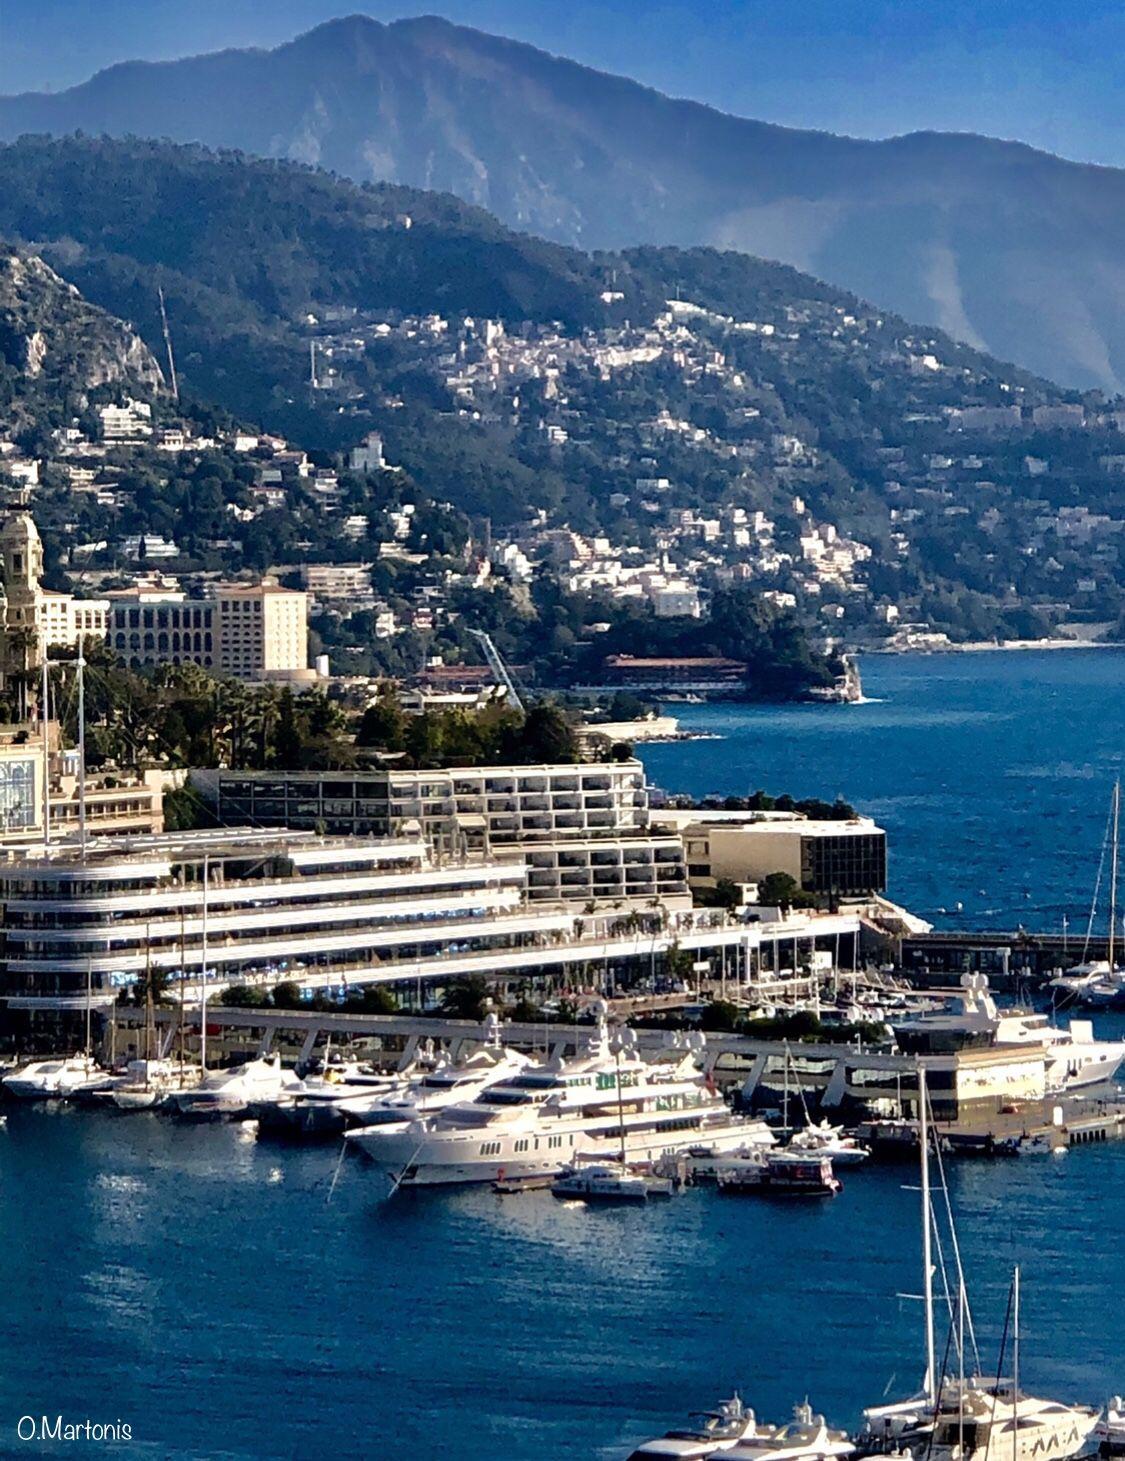 Club Nautique De Nice yacht club de monaco,port hercules,monaco   monaco, pays, portes